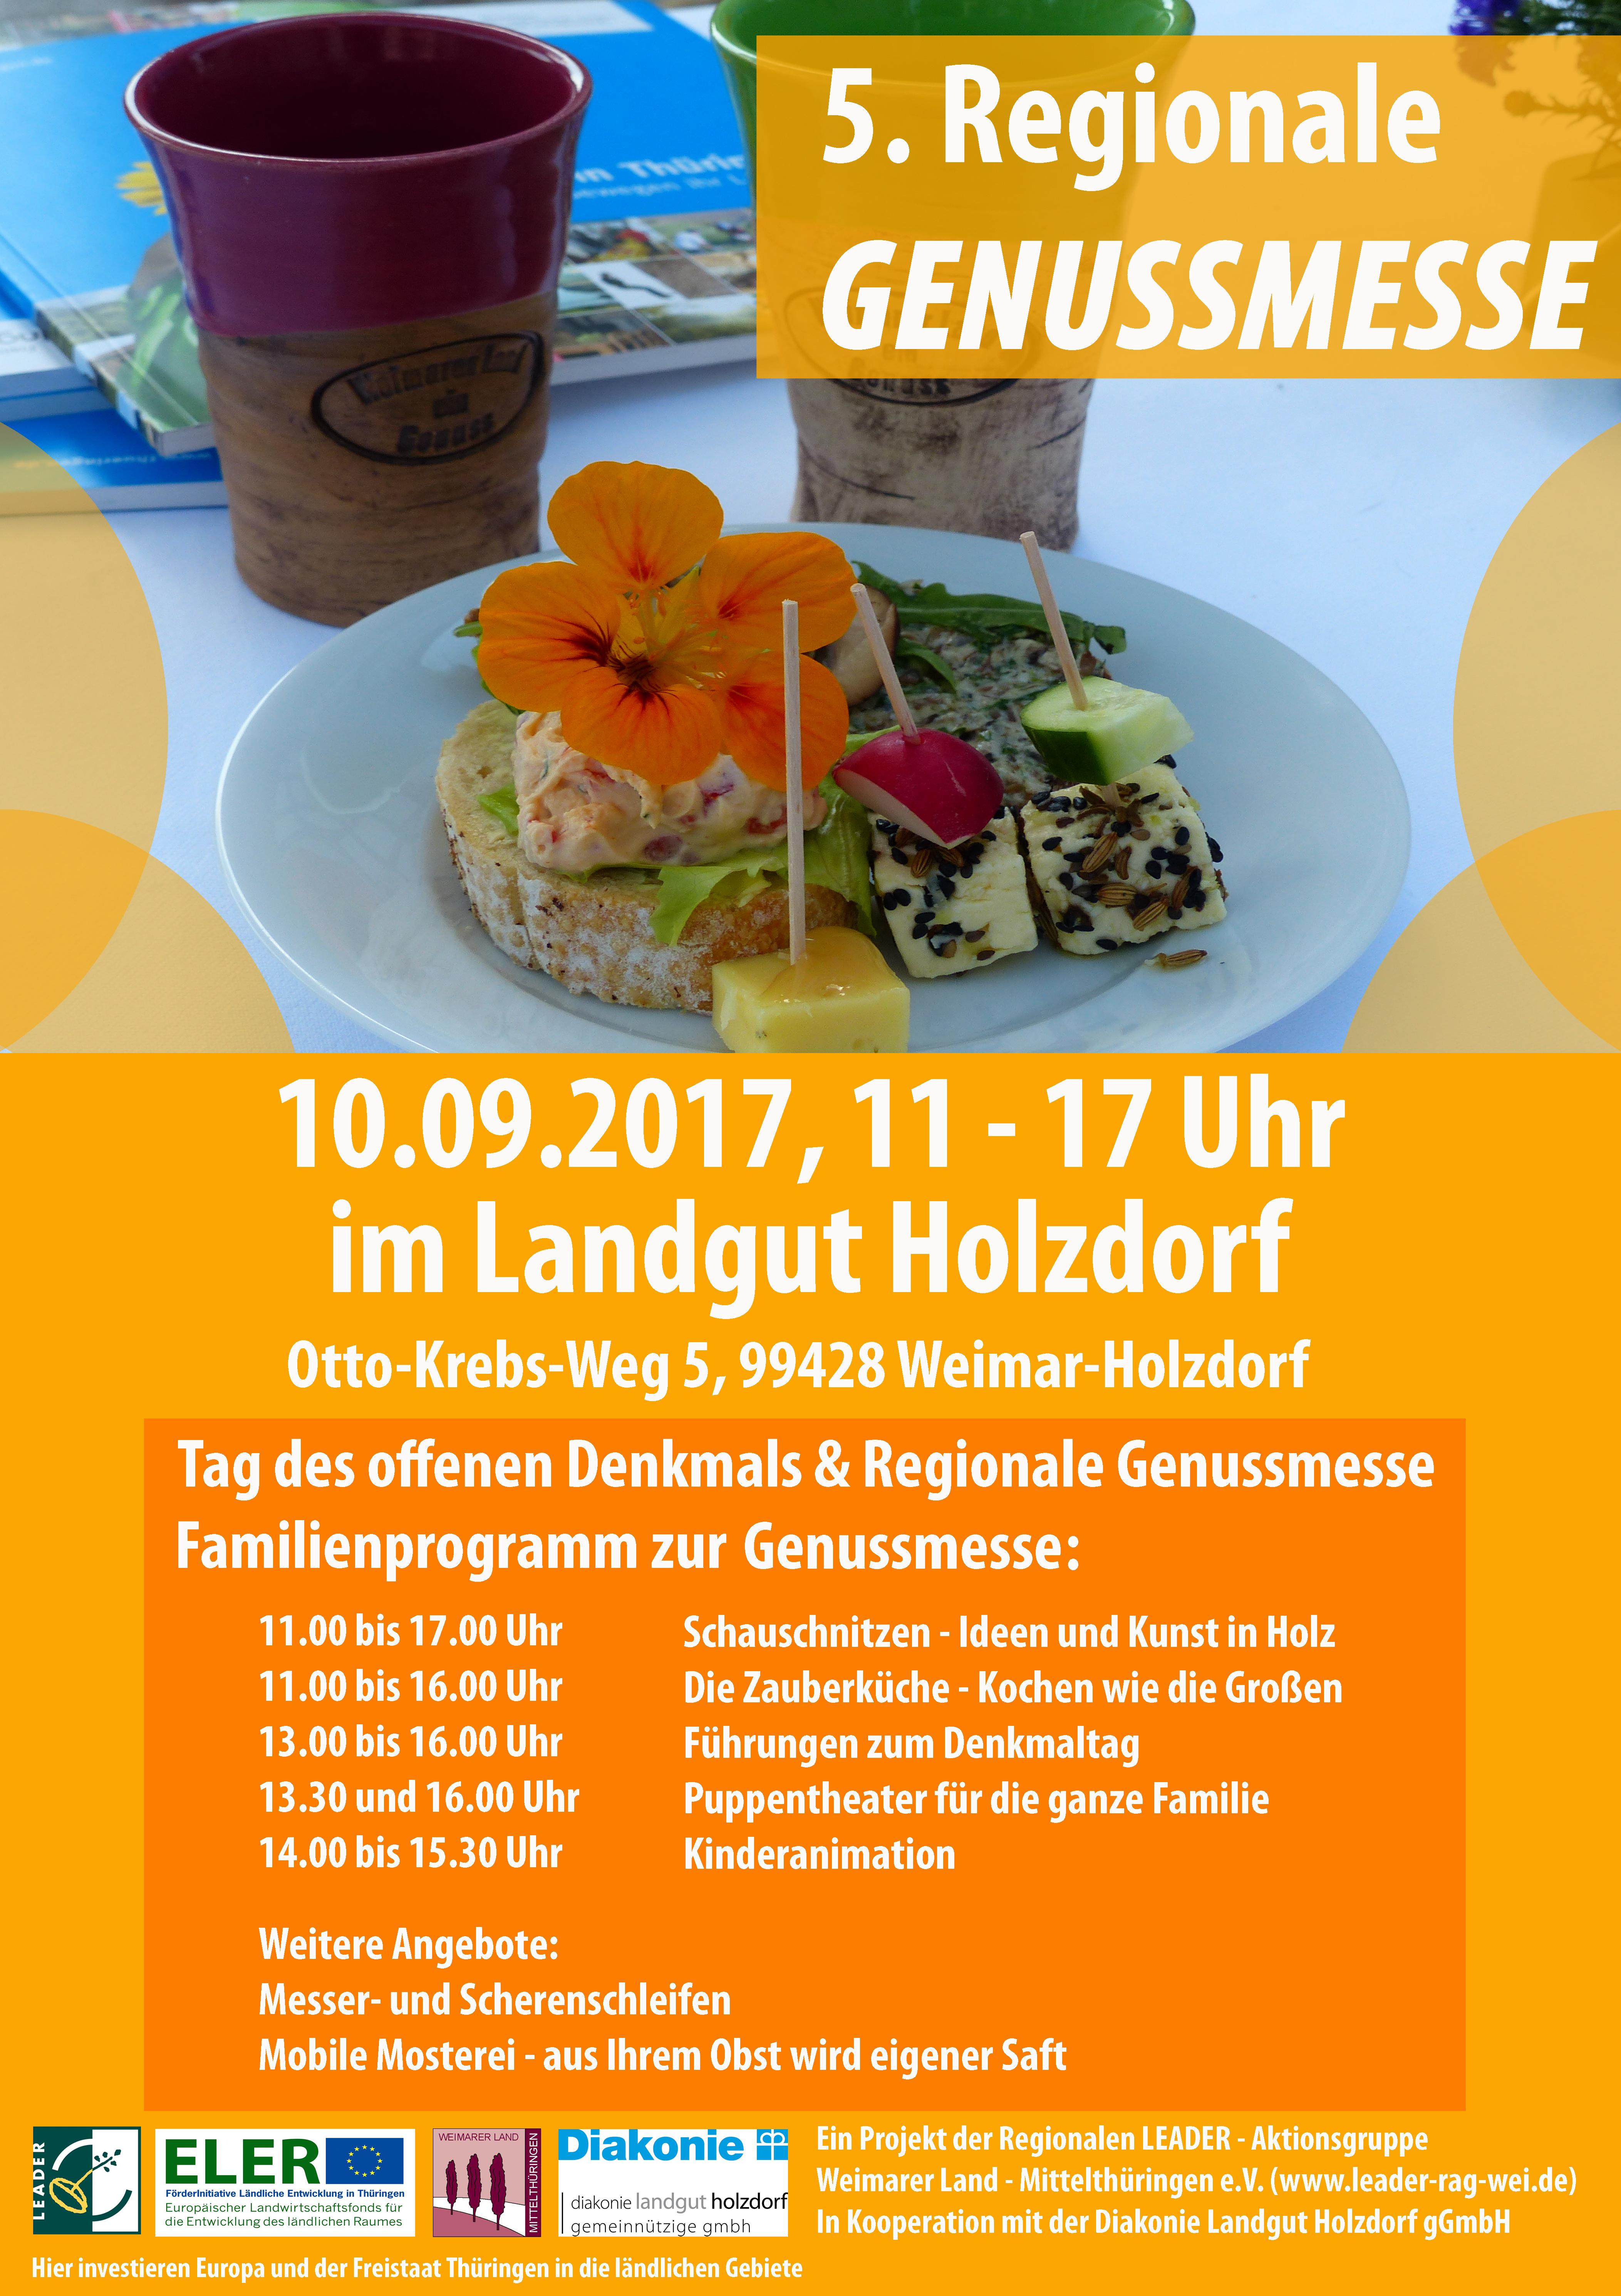 Plakat zur Genussmesse 2017 (RAG Weimarer Land - Mittelthüringen e.V.)